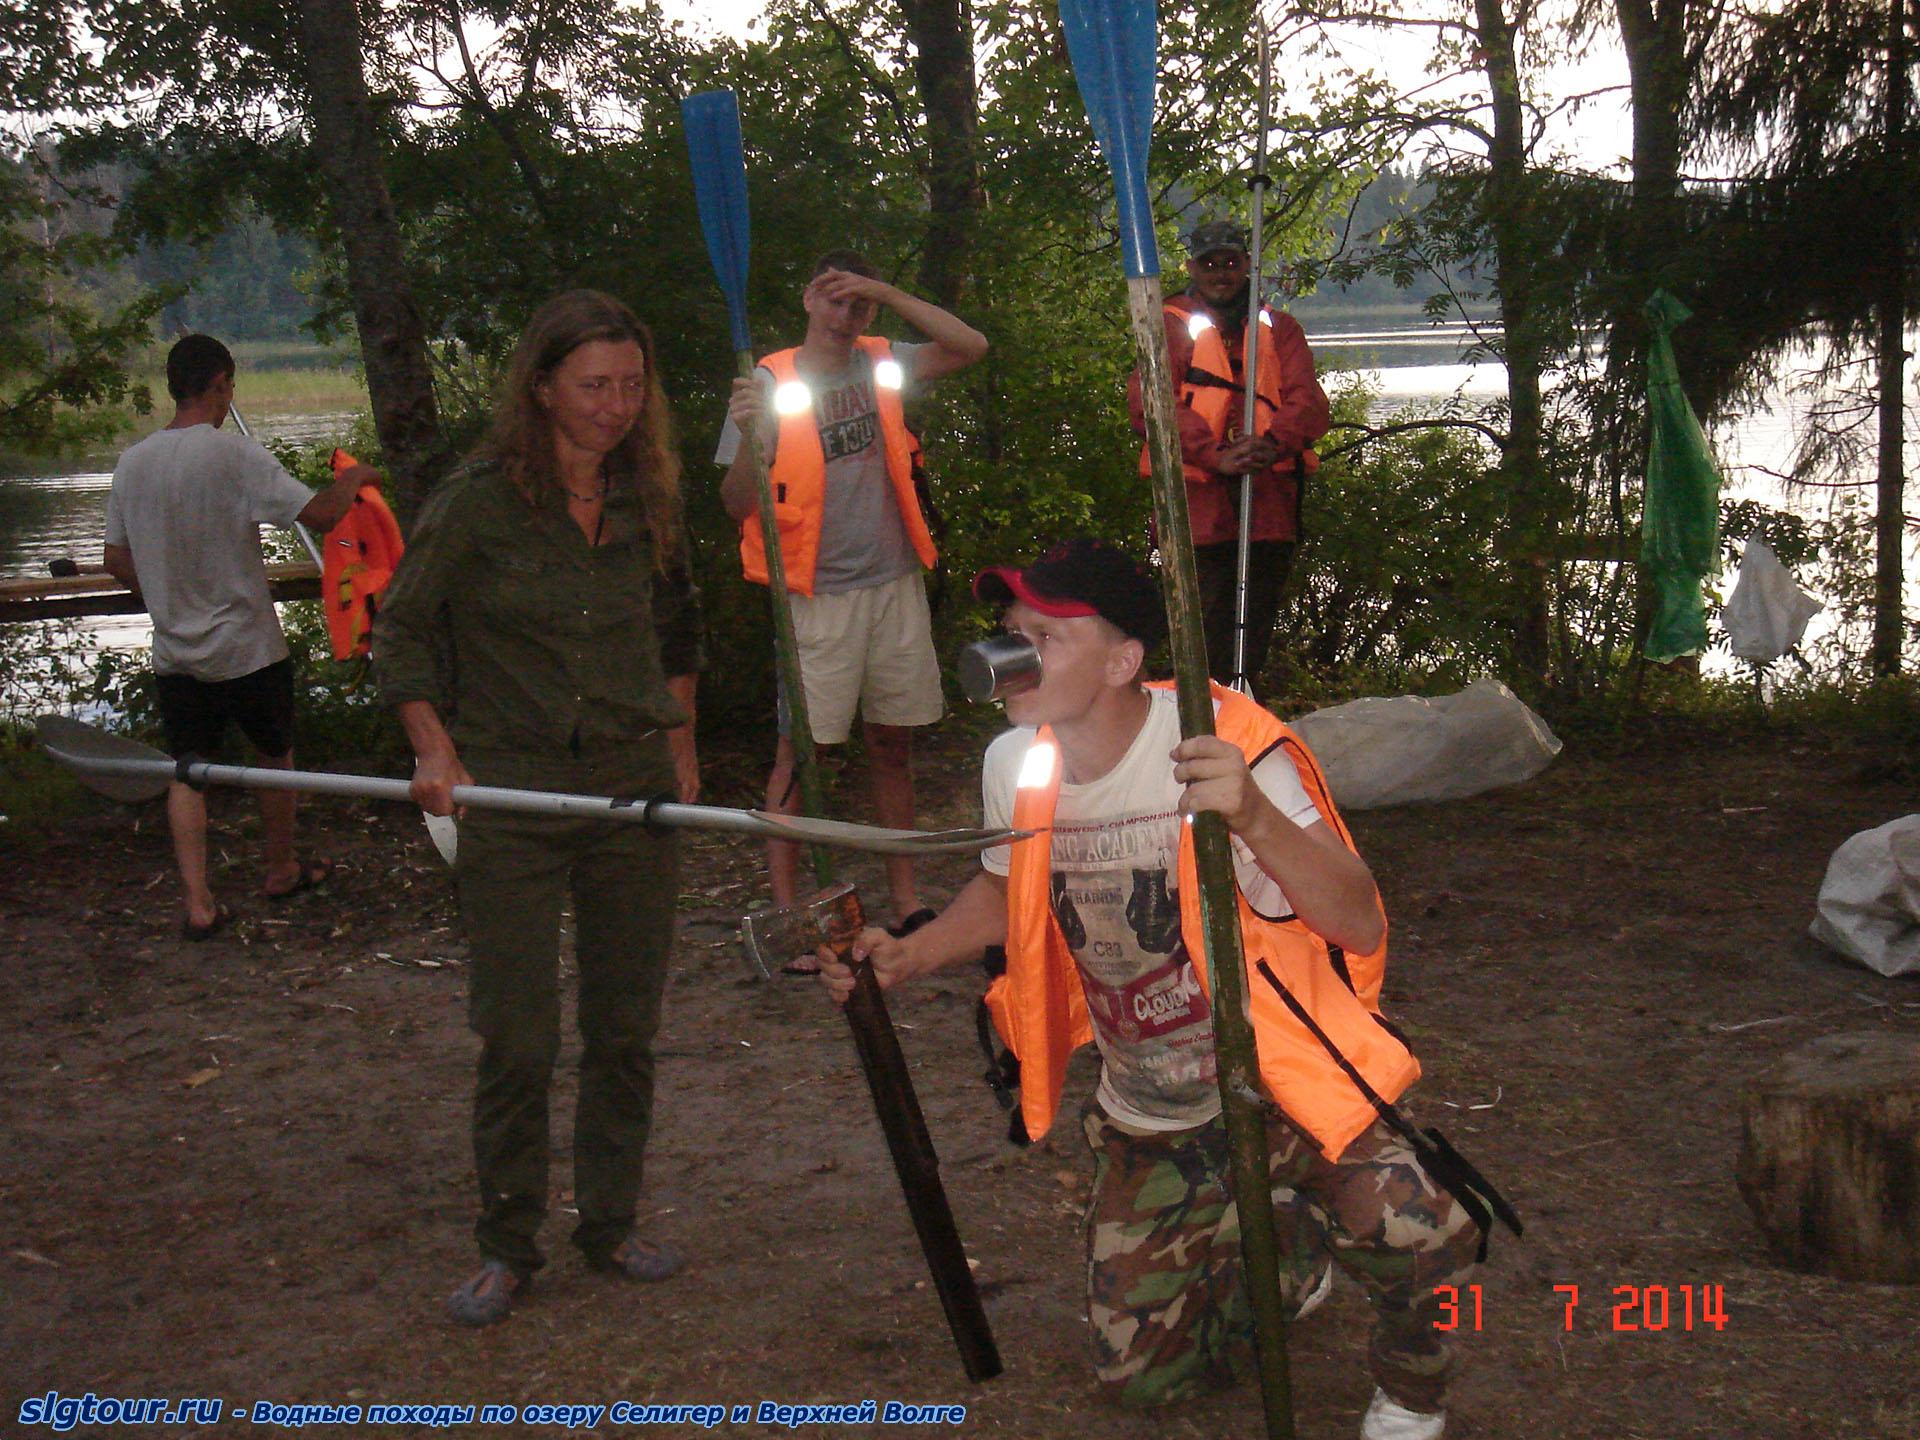 Посвящение в туристы сценарий для похода